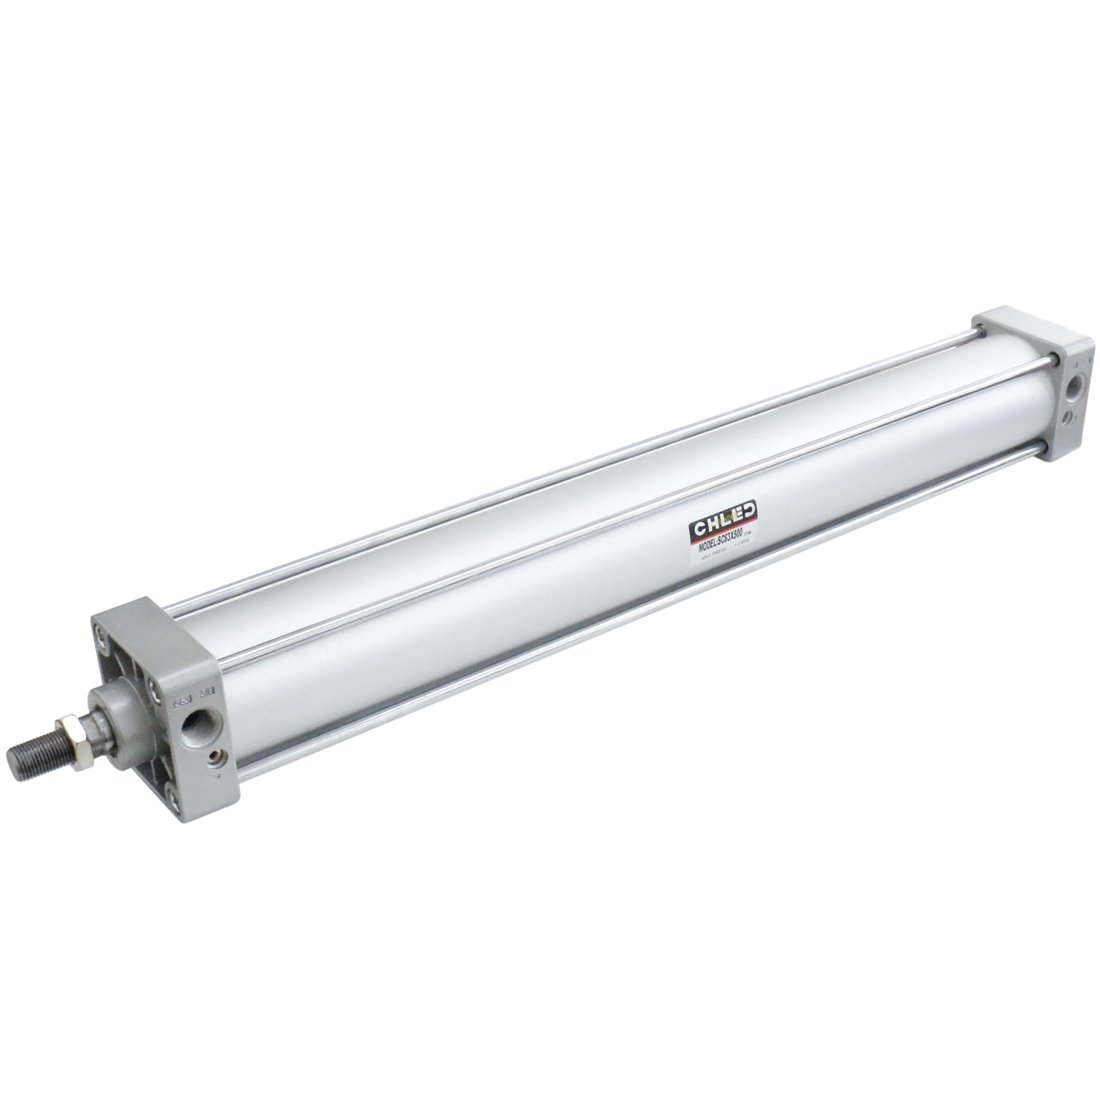 Heschen pneumatico standard aria cilindro SC 63 –  500 G3/20, 3 cm porte 63 mm (6, 3 cm) Diametro 500 mm (50, 8 cm) corsa a doppio effetto 3cm porte 63mm (6 3cm) Diametro 500mm (50 CHLED Pneumatic